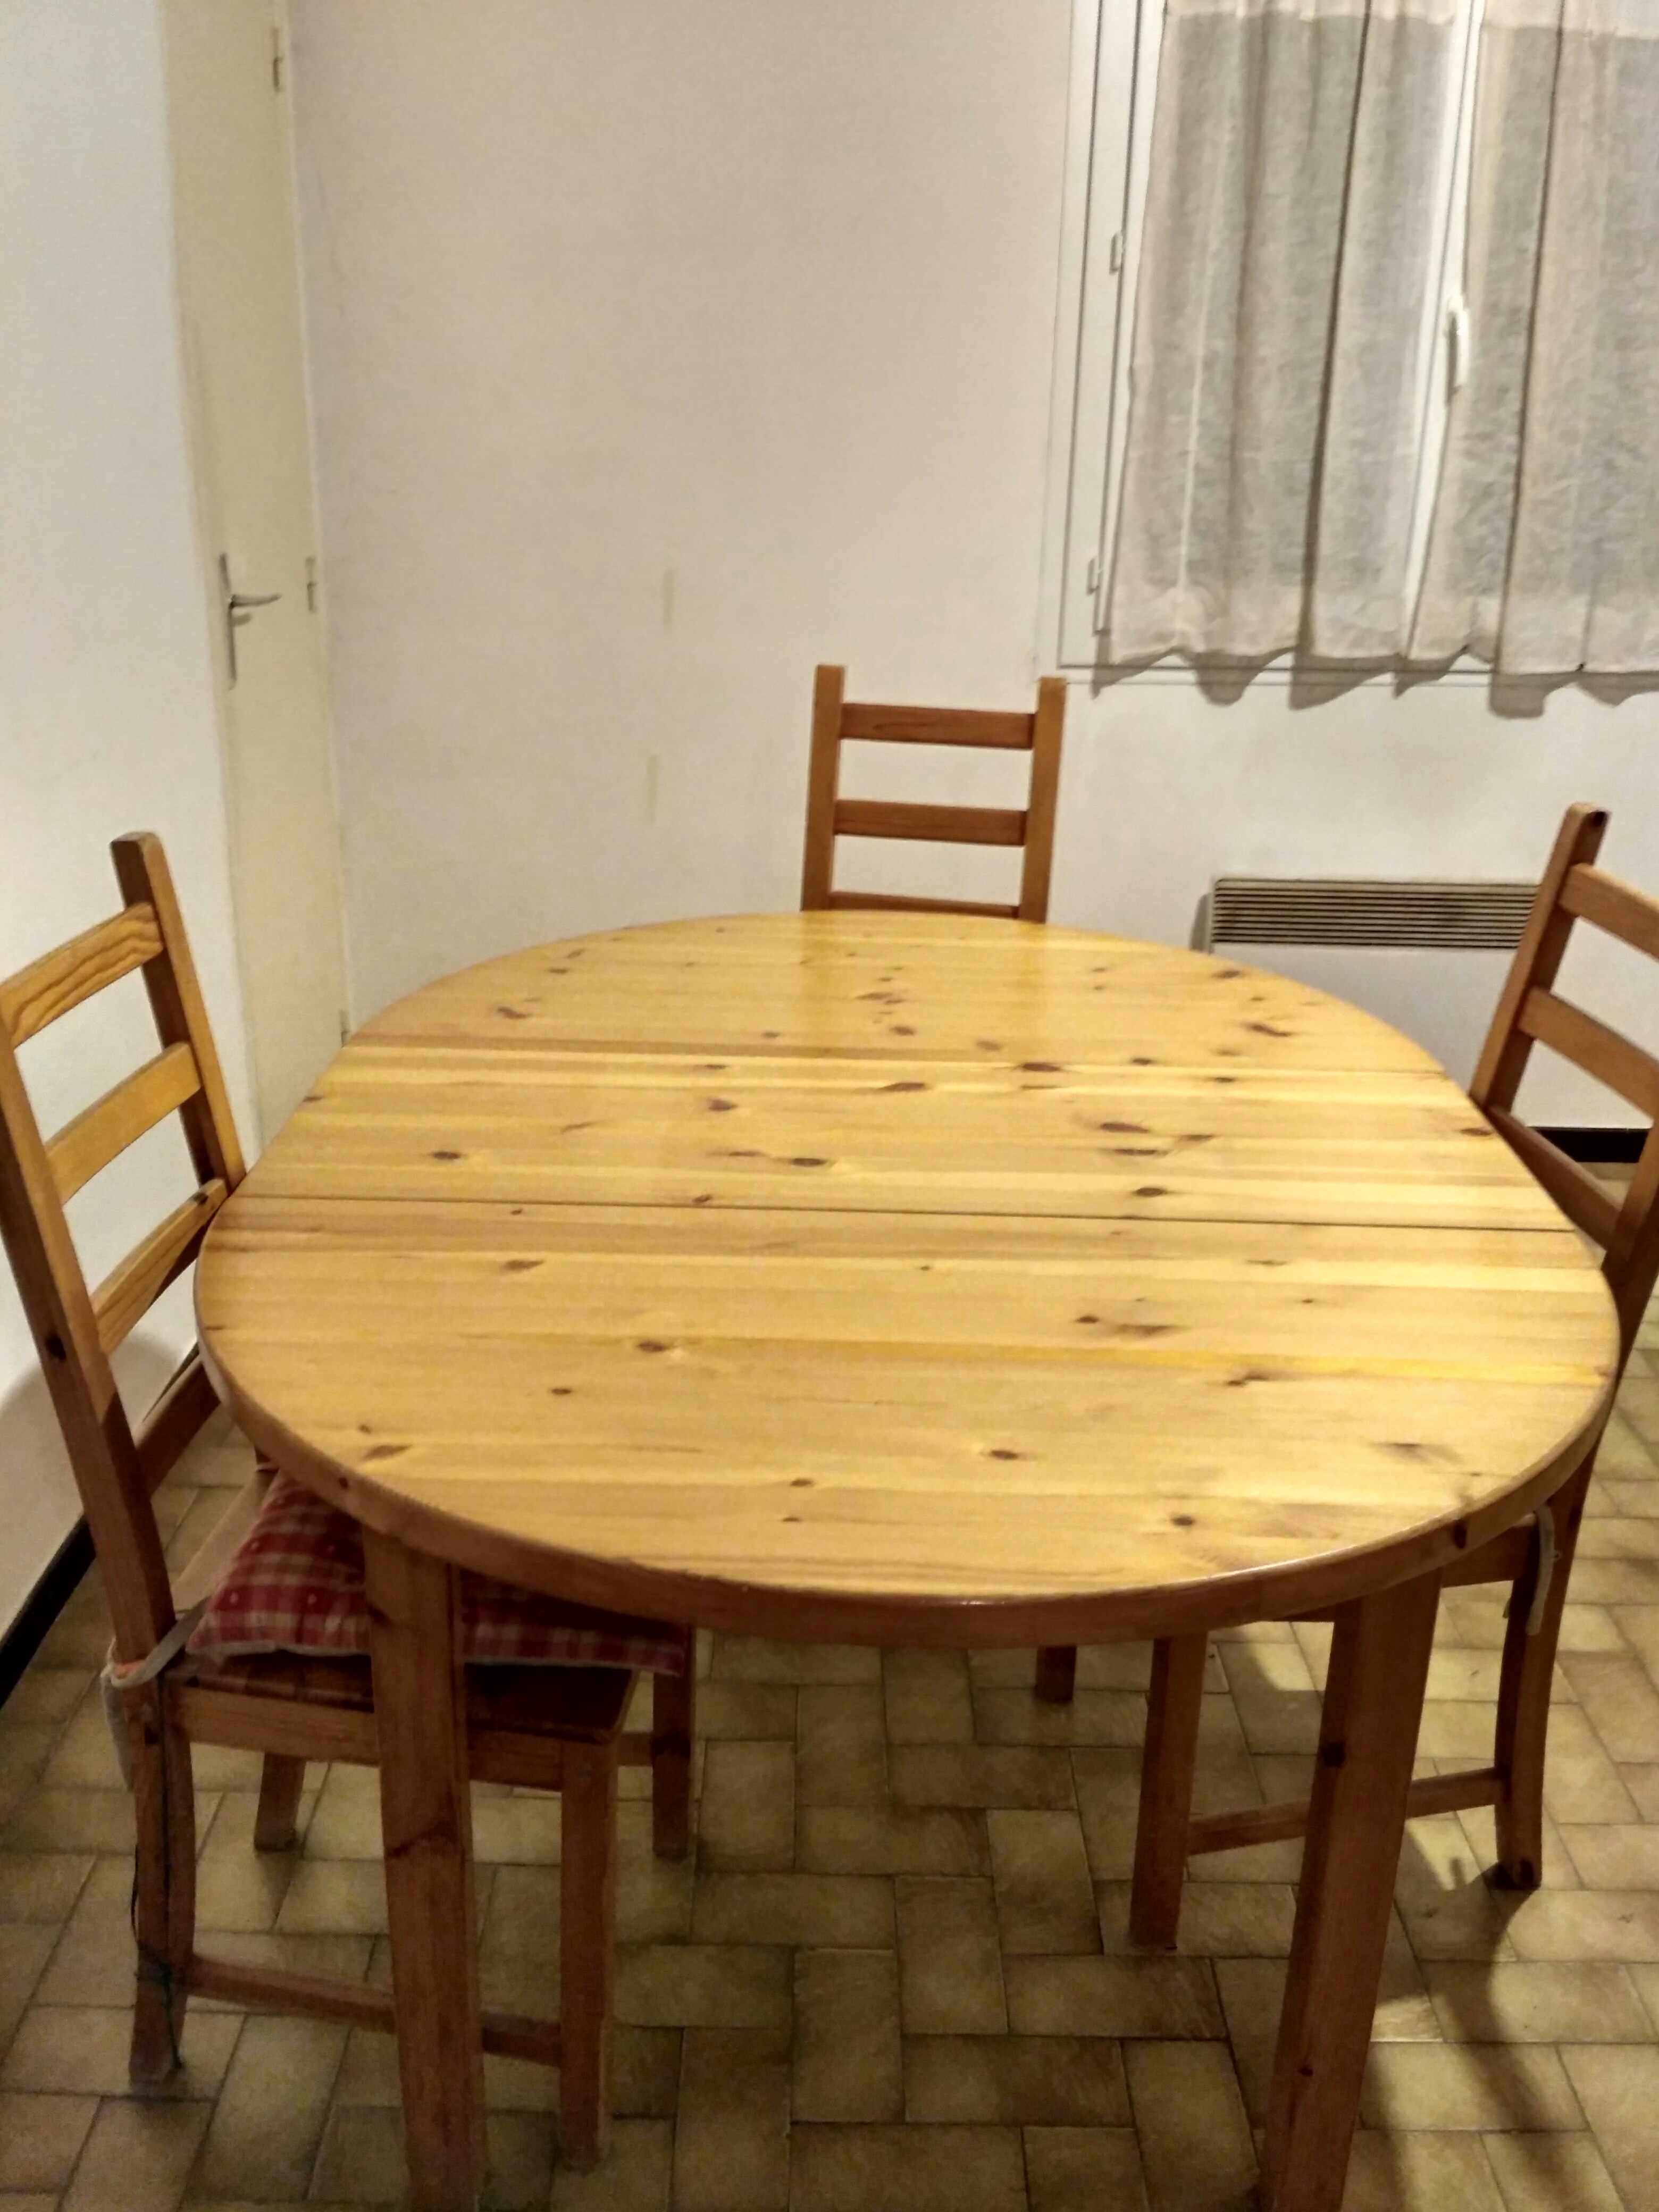 table ronde avec allongé en pin massif et chaises 125 Carcassonne (11)